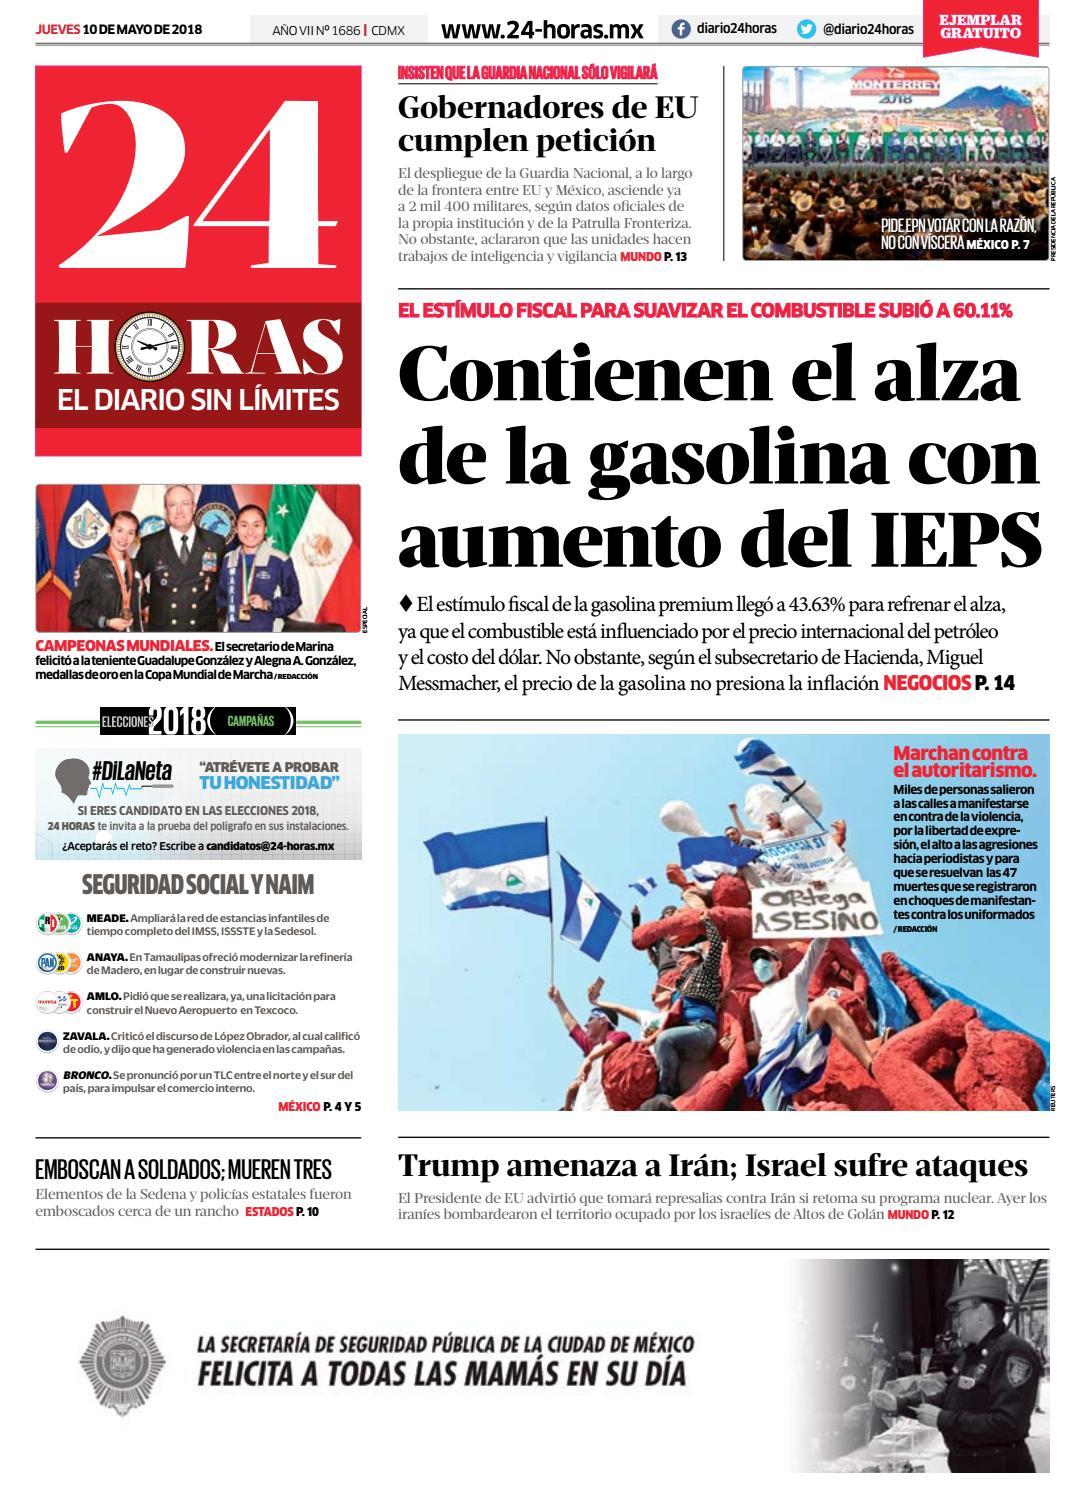 DIARIO 24 HORAS by Información Integral 24/7 SAPI de C.V. - issuu